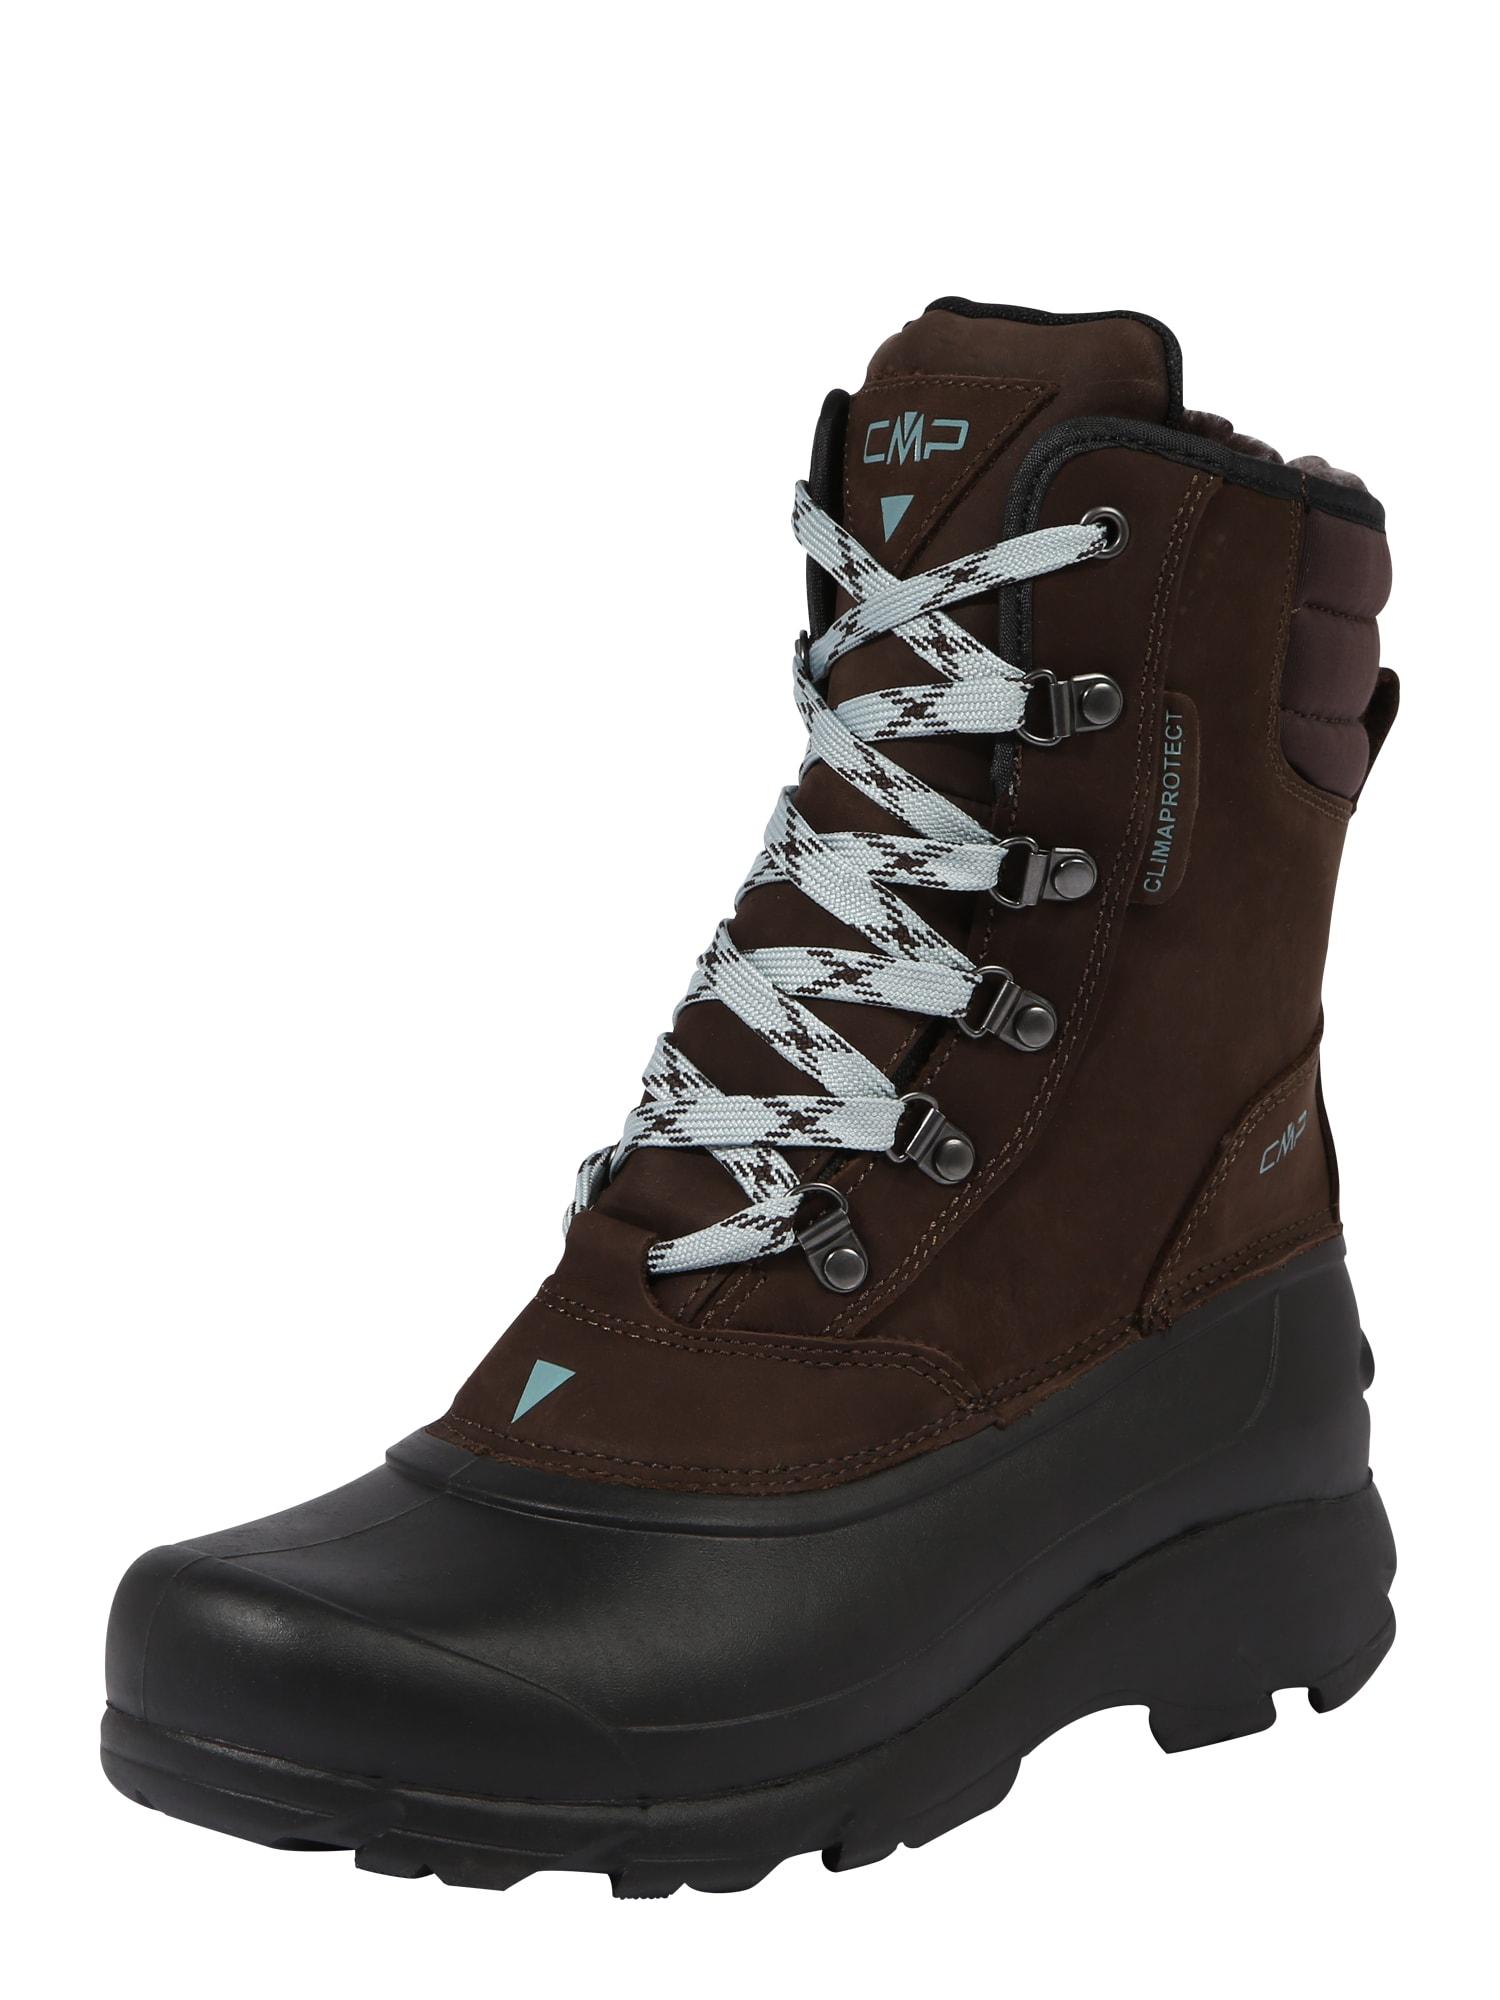 Sportovní boty KINOS 2.0 světlemodrá kaštanově hnědá černá CMP